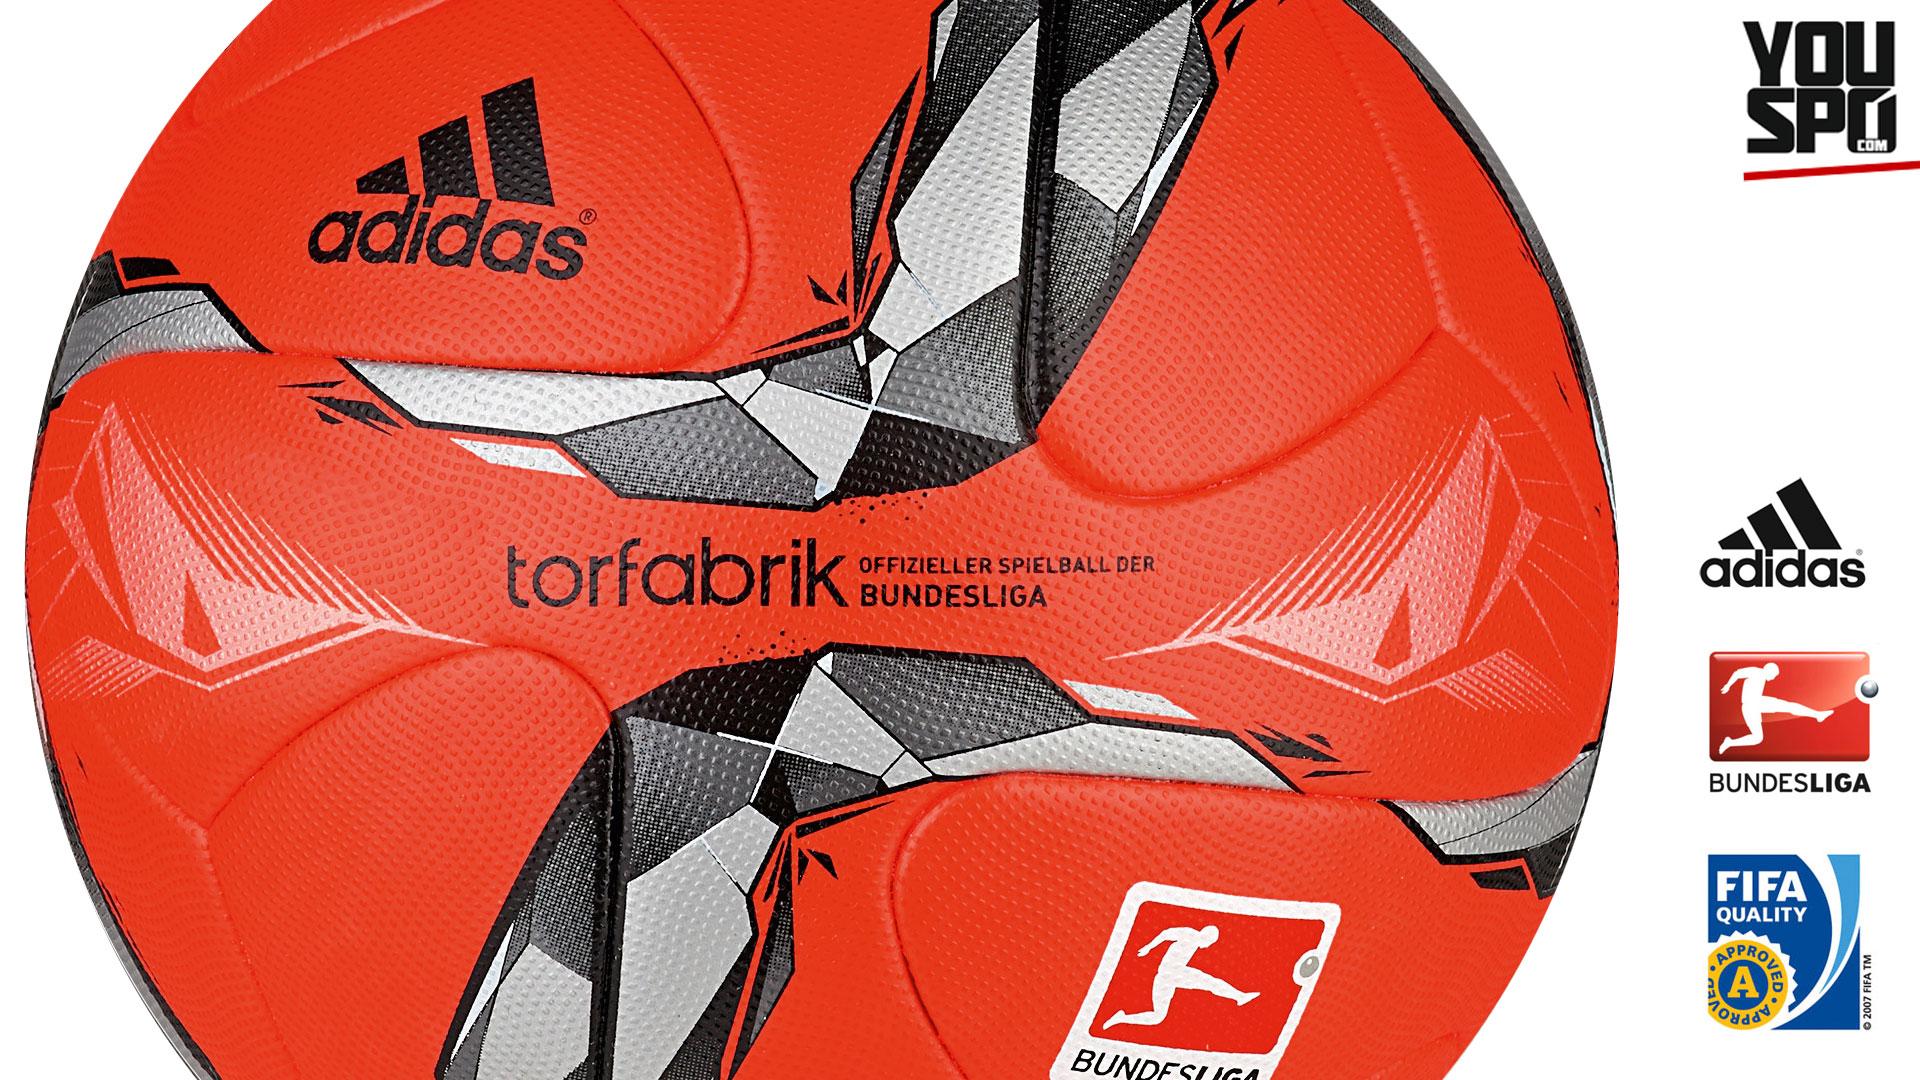 Adidas Torfarbik OMB 15/16 Winterball/Spielball (2015-2016)